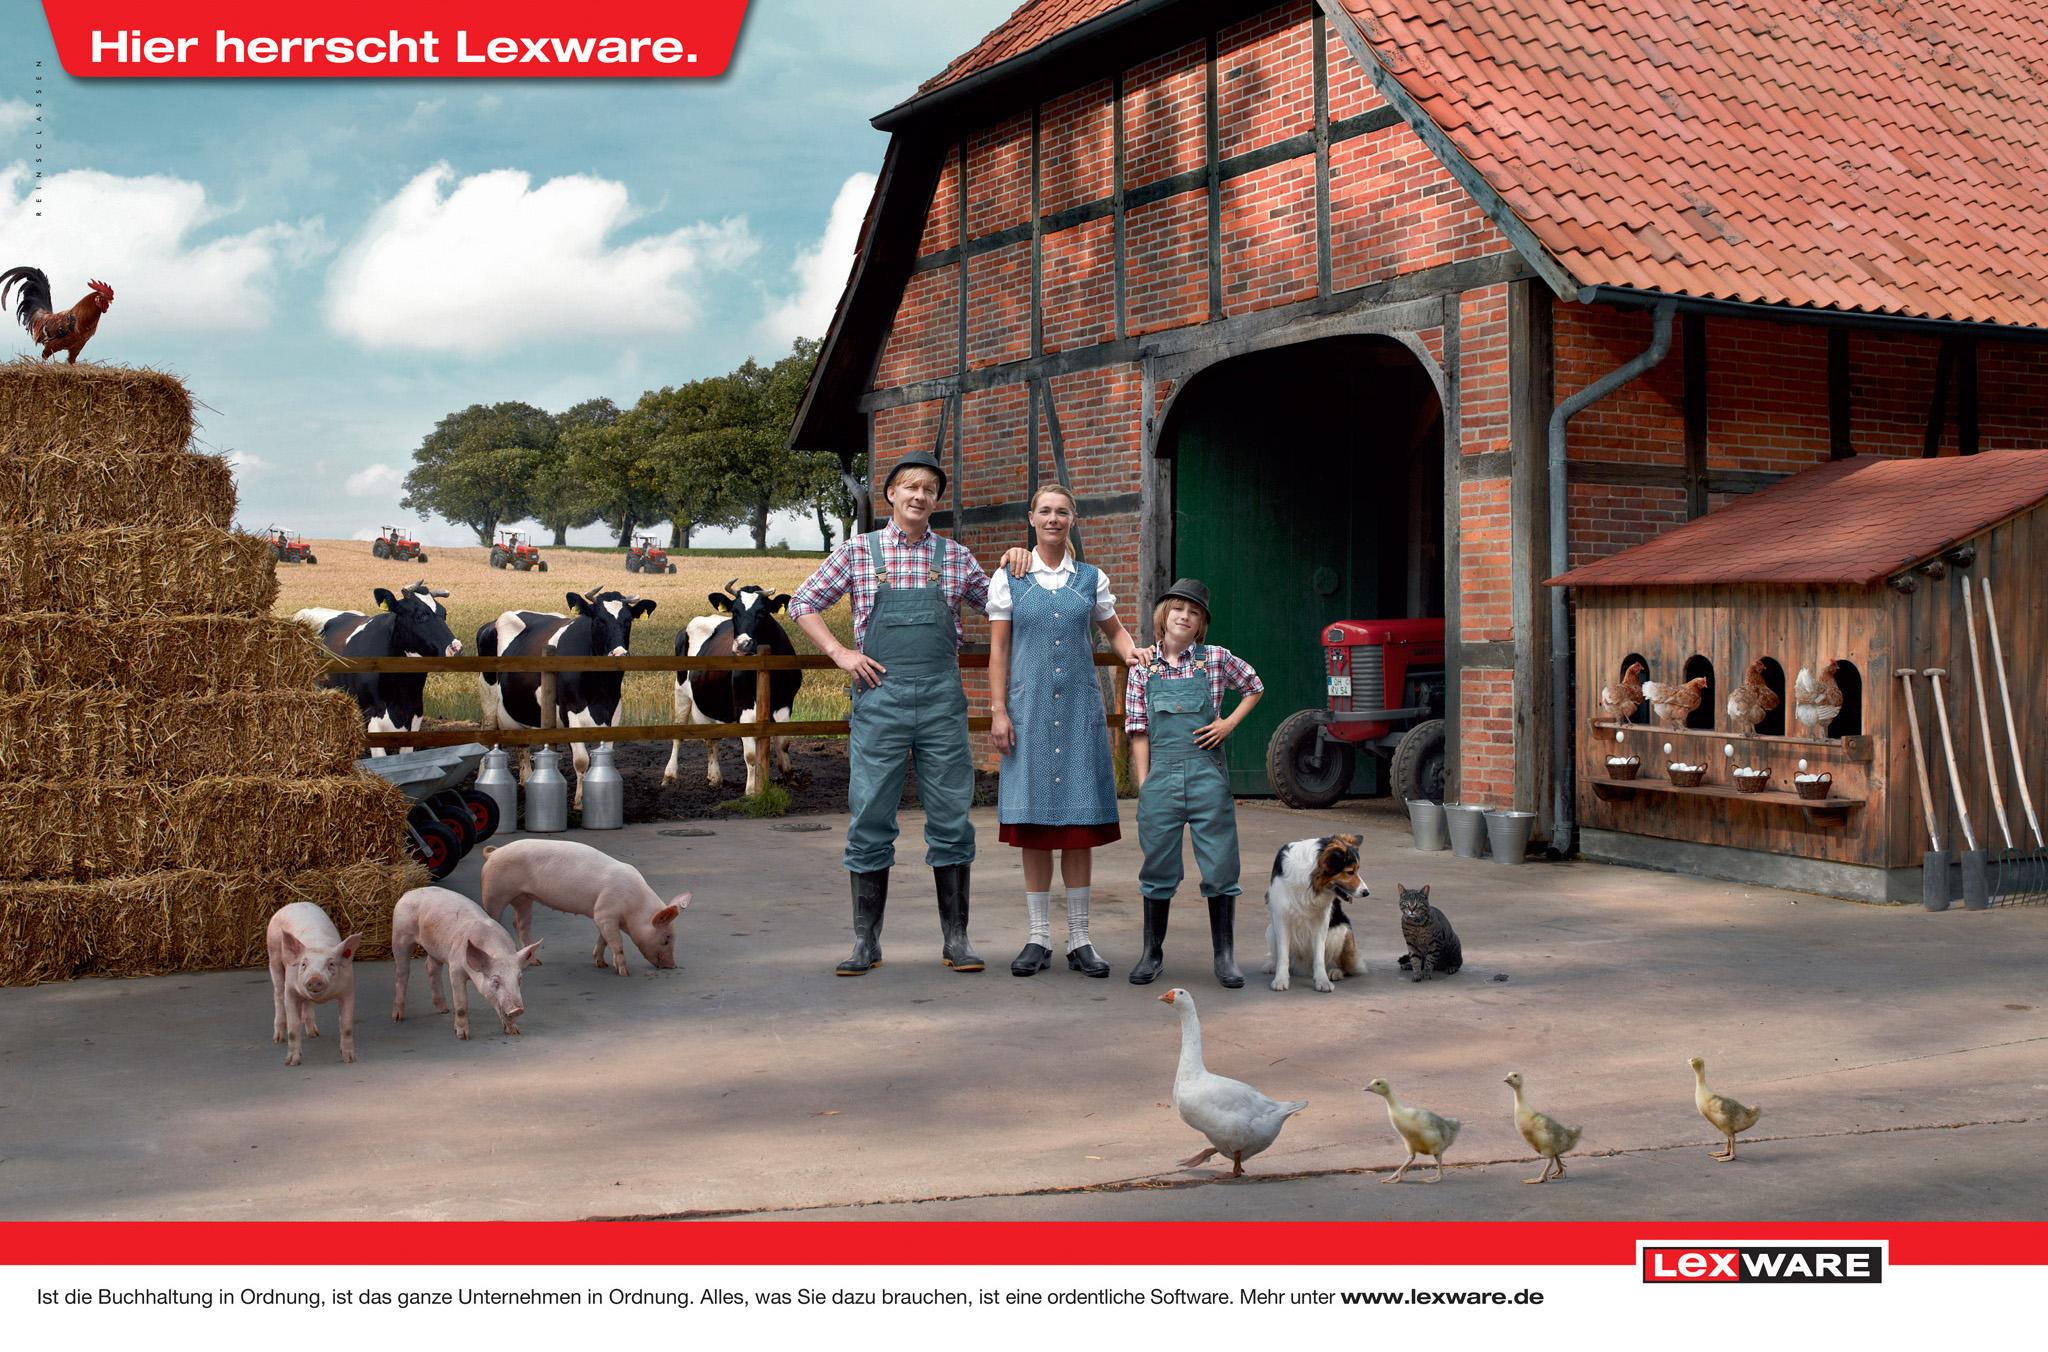 LXW_Image07_Bauernhof.jpg